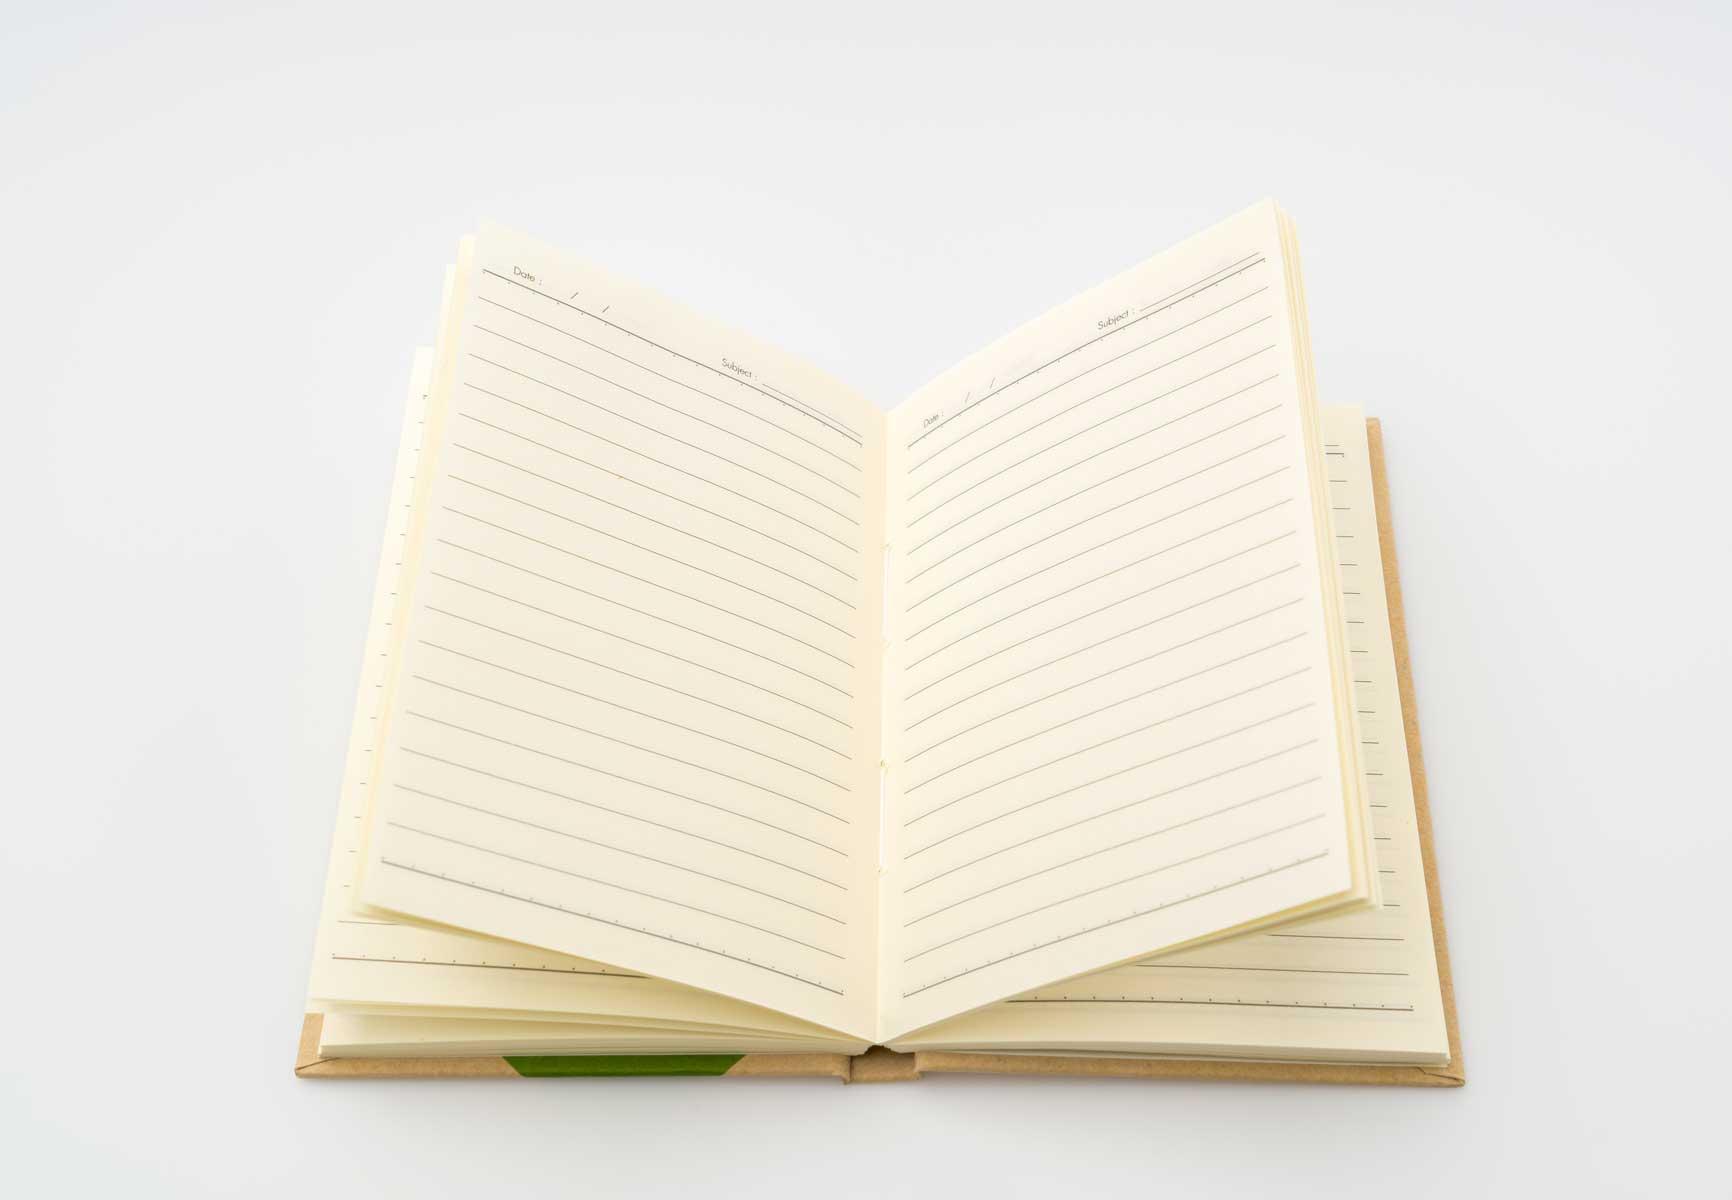 Impresión de libros de papel reciclado para empresas, profesionales, editoriales y autores.